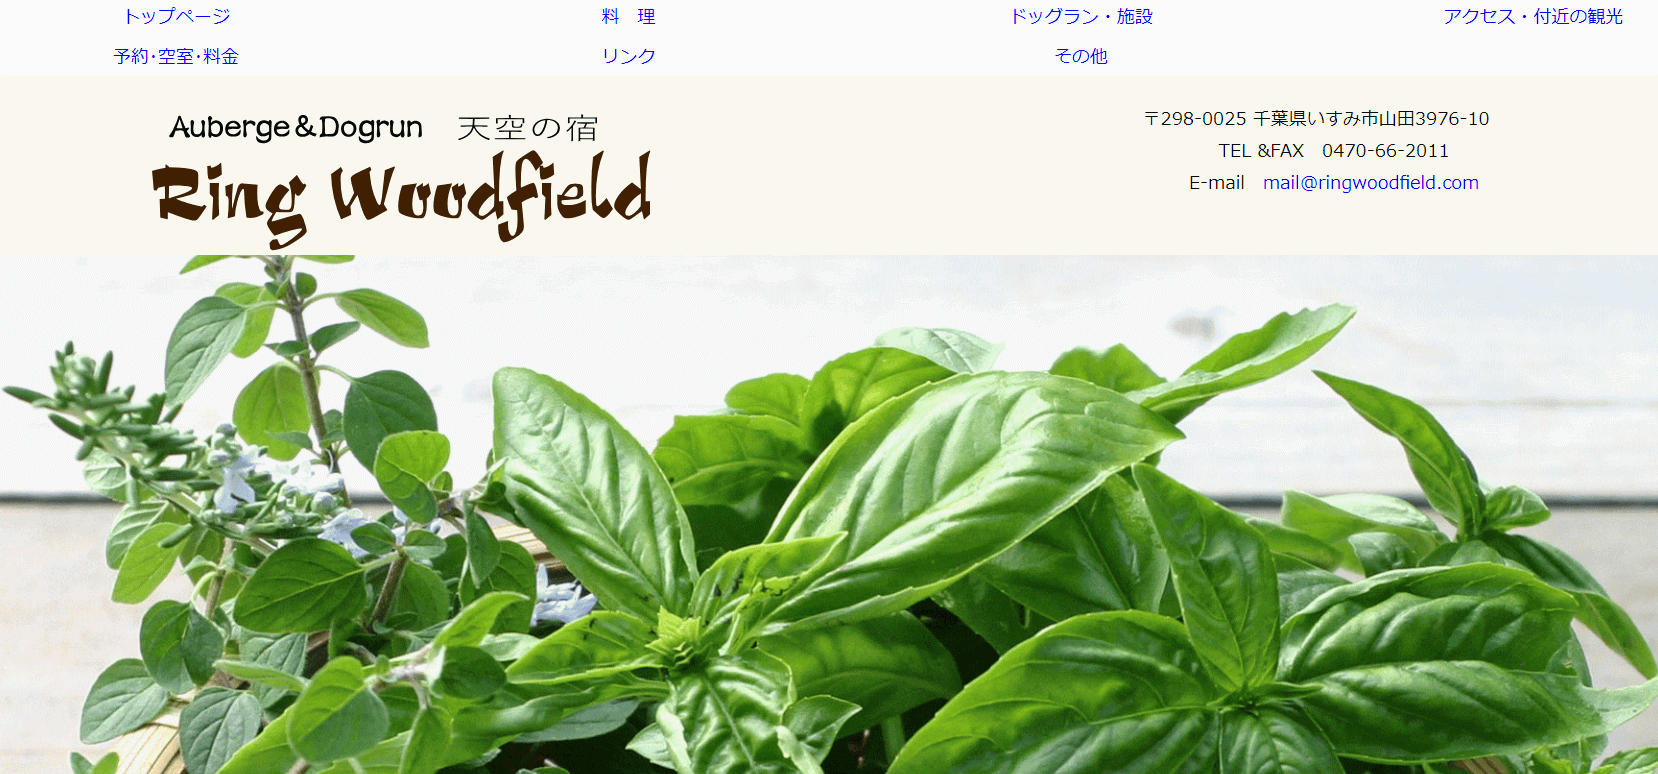 千葉県 ペットと泊まれる宿 オーベルジュ RingWoodfield リングウッドフィールド